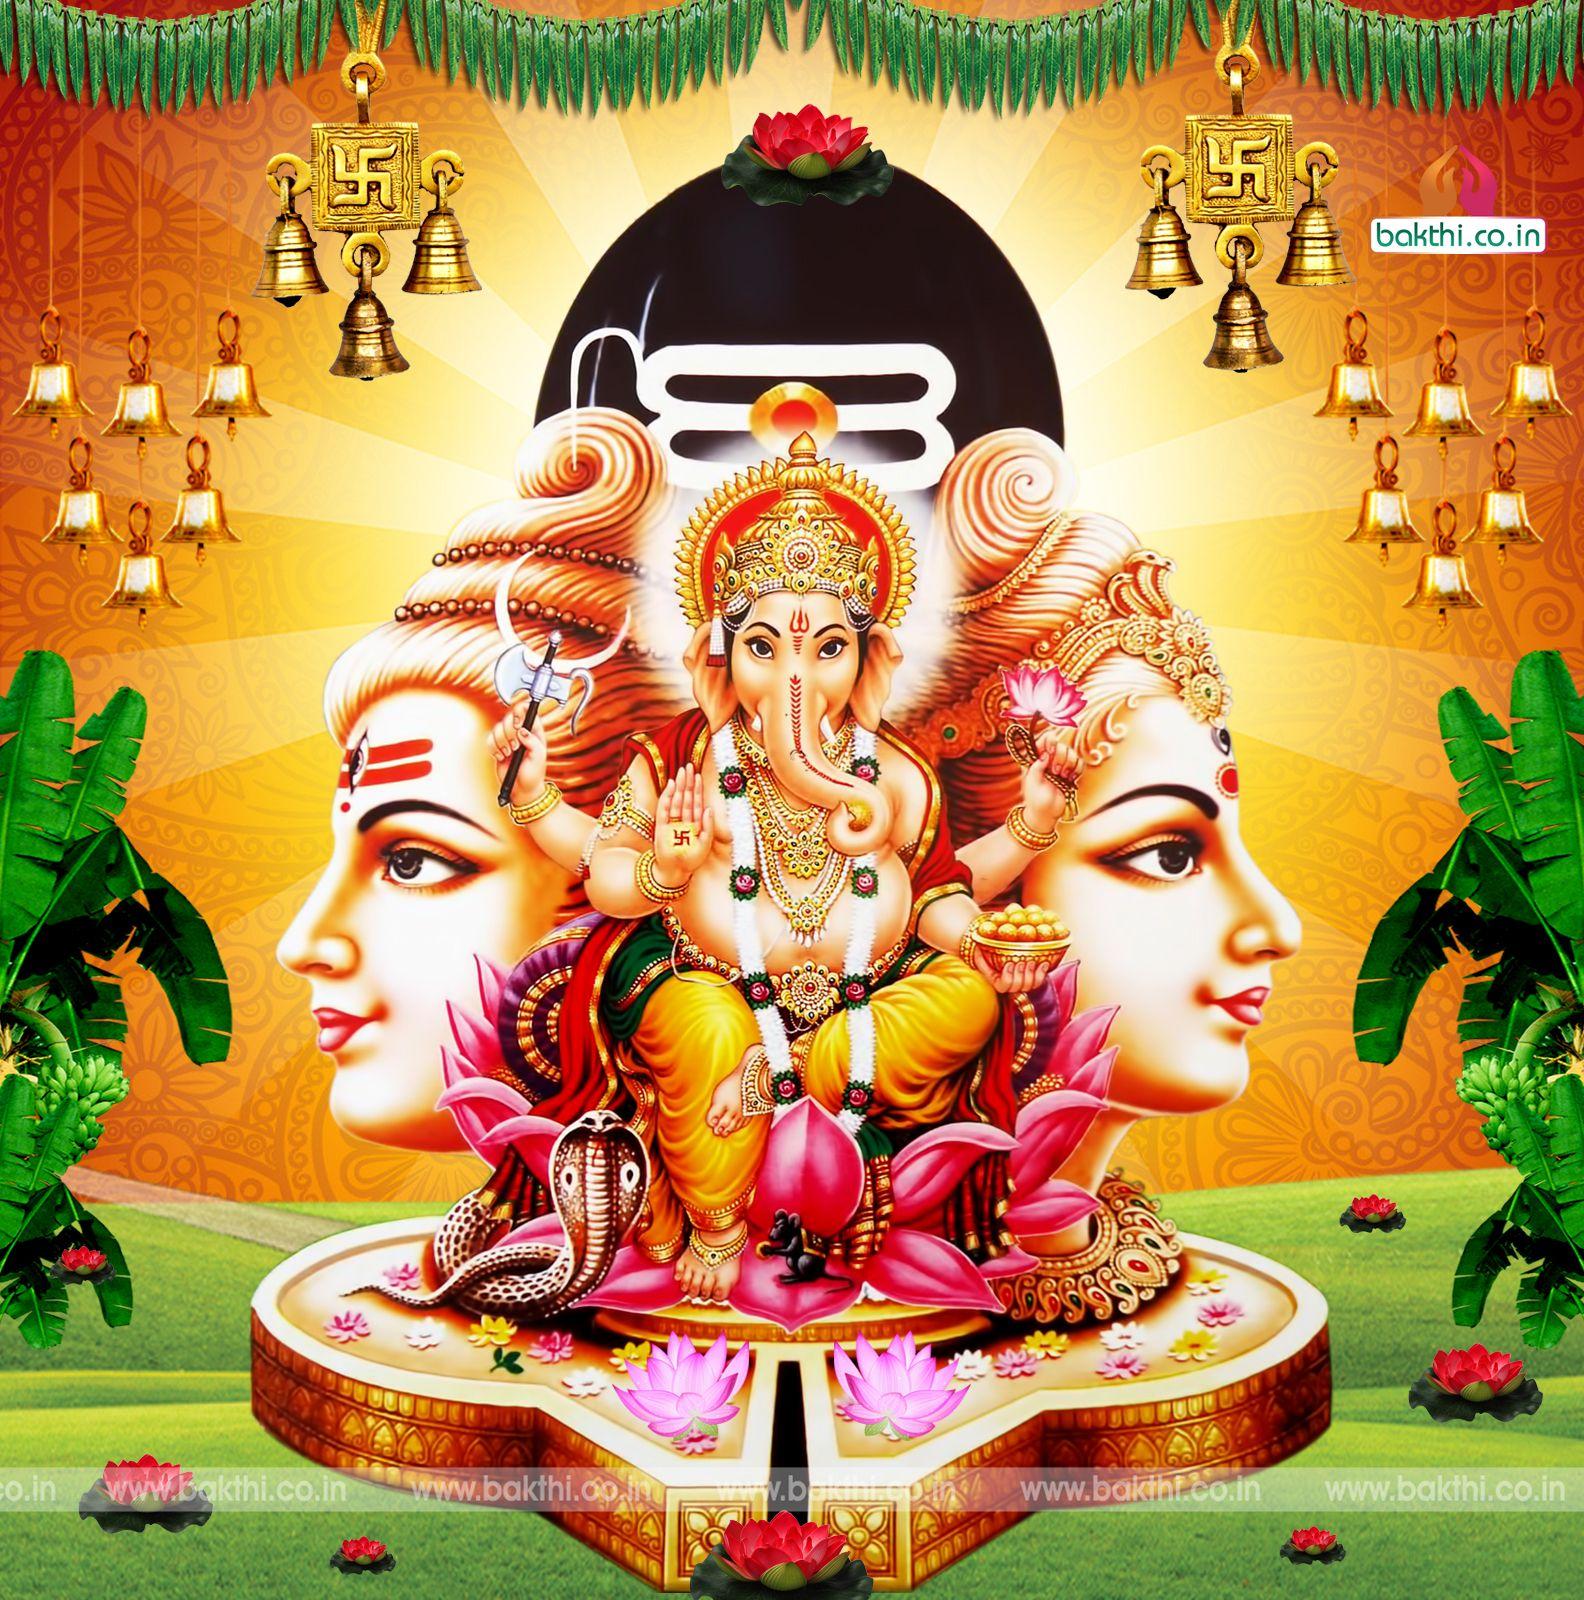 Hd wallpaper vinayagar - Hindu God Vinayaka Siva Parvathi Hd Wallpaper Free Download Bakthi Co In